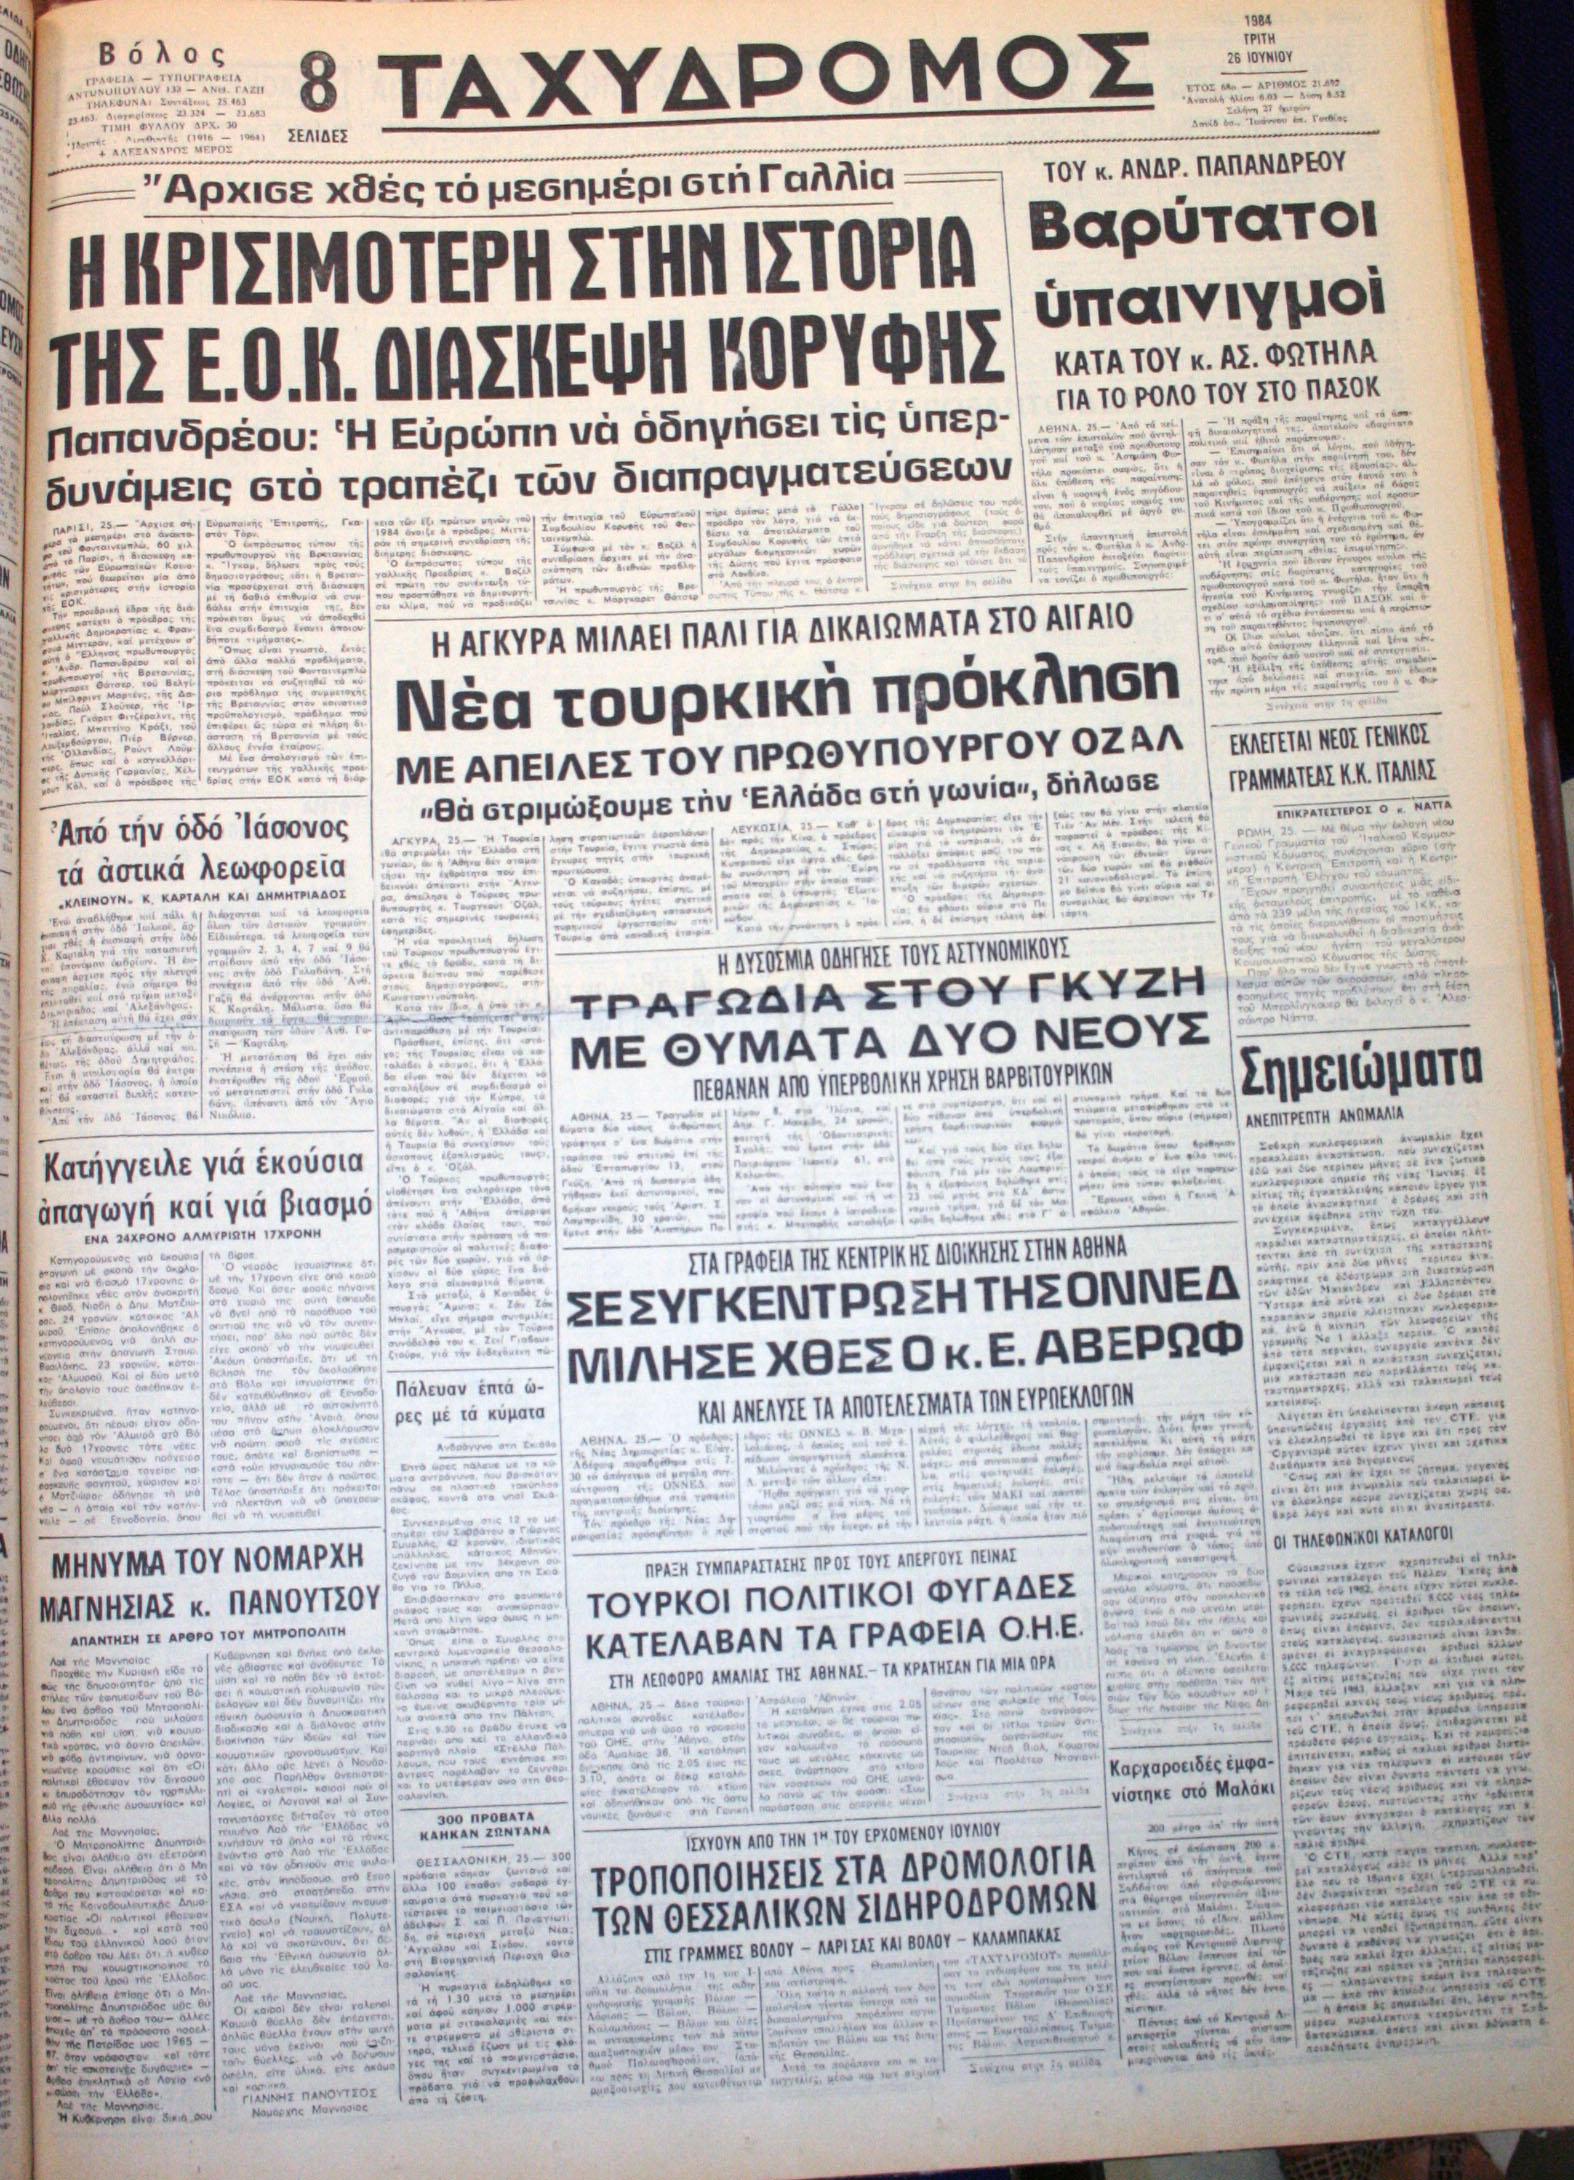 26 Ιουνίου 1984